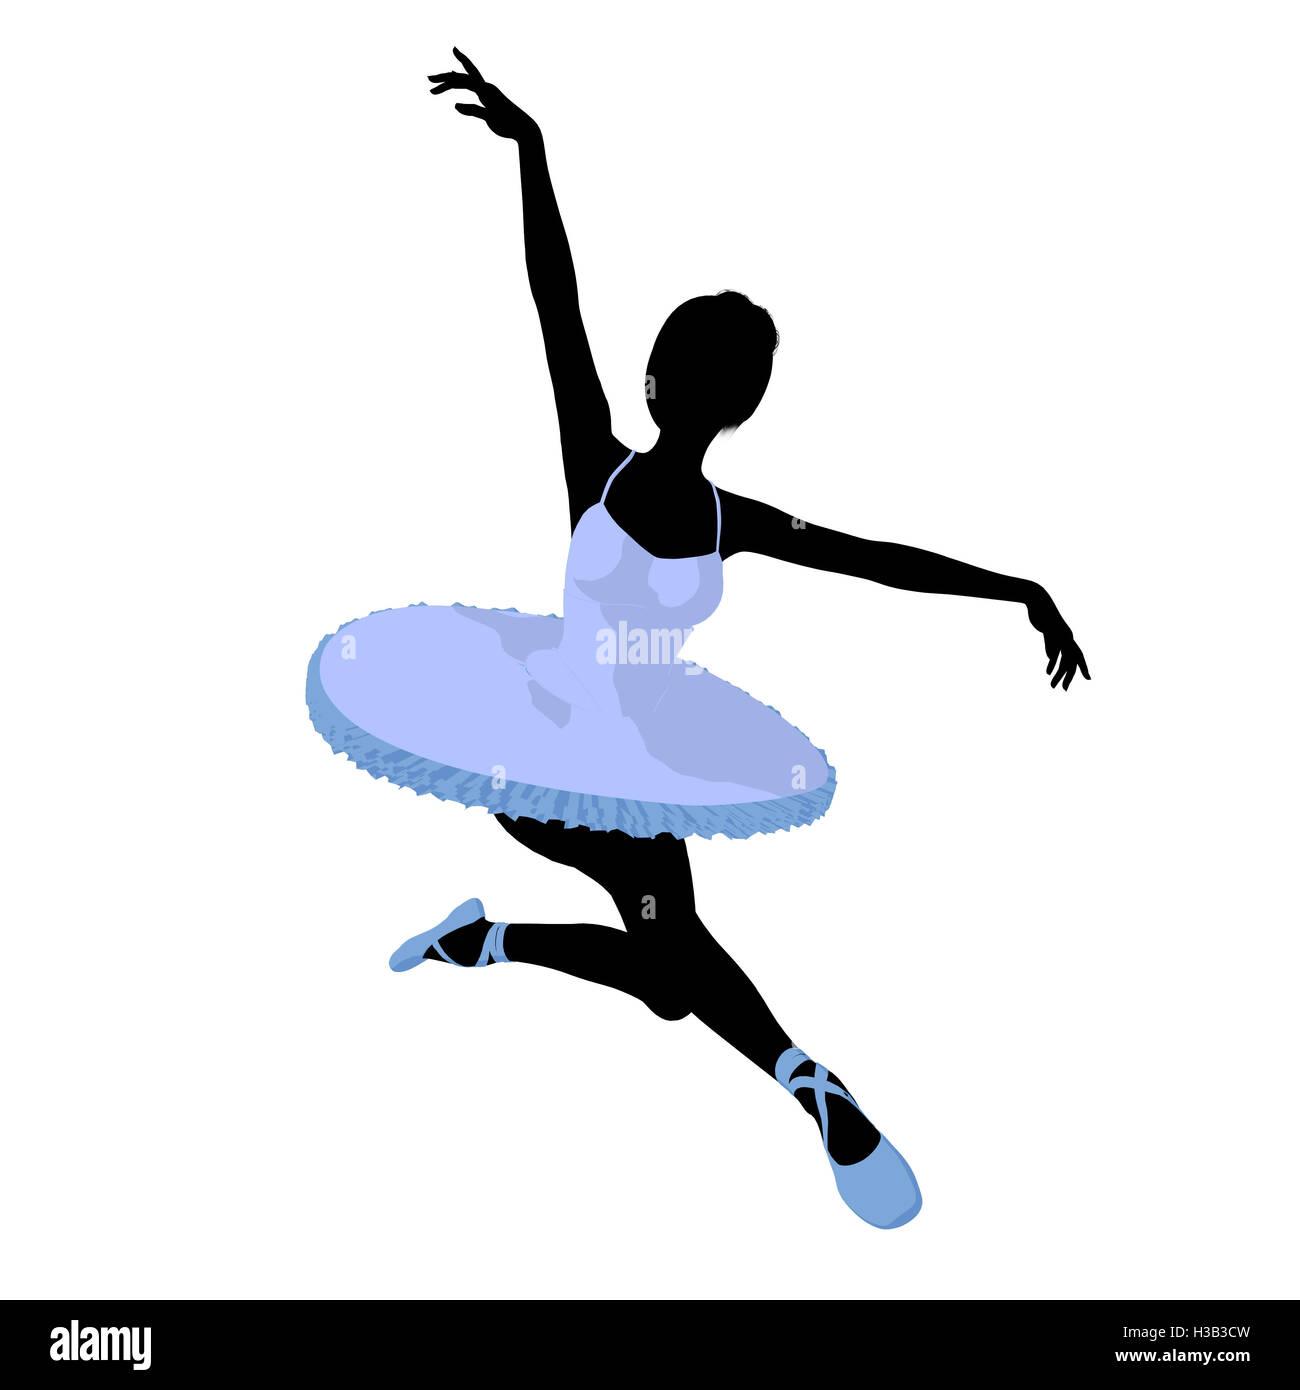 Ballerina Illustration Silhouette Stock Photo Alamy